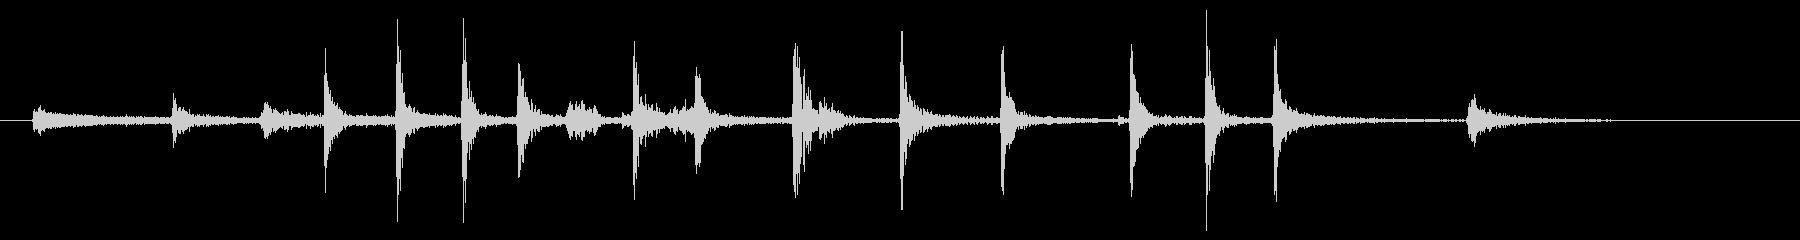 小さい金属スプリング:短いストレッチの未再生の波形